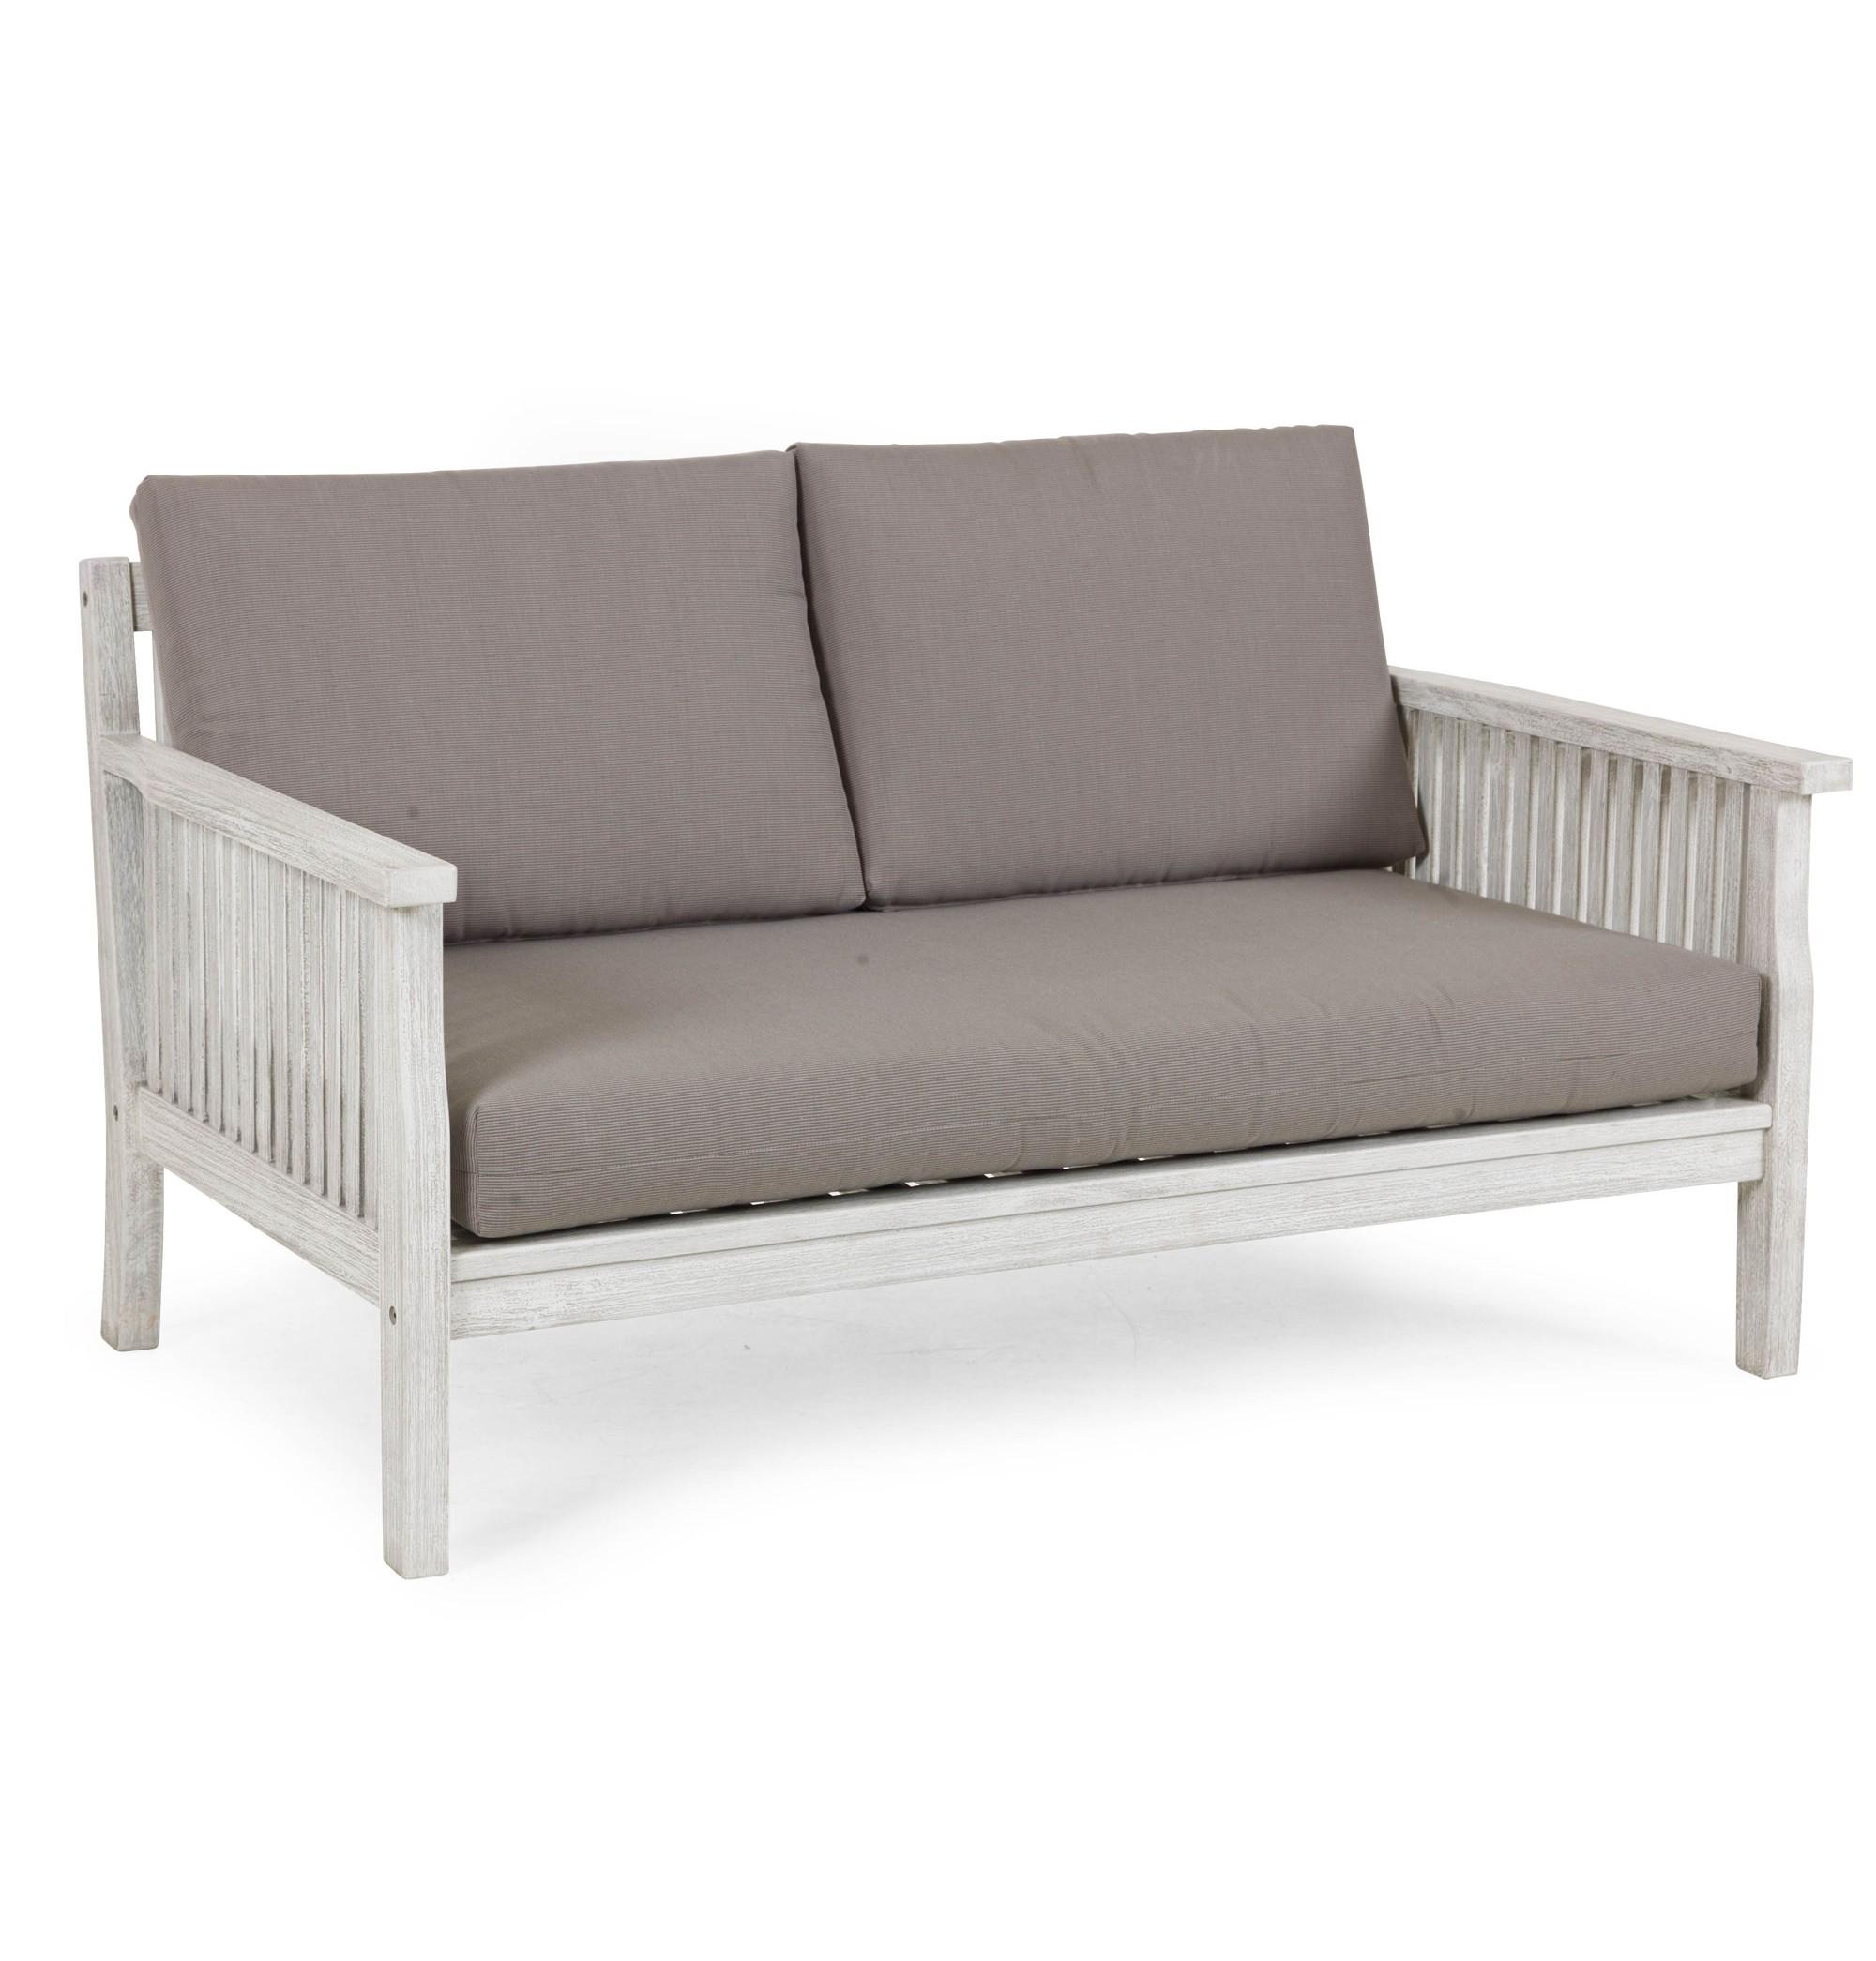 Диван ArizonaДиваны и оттоманки для сада<br>Диван из коллекции Arizona lounge выполнен из массива акации, окрашенного в цвет &amp;quot;белый антик&amp;quot; - этот цвет имитирует эффект старины. Это удобный глубокий диван, с которого Вам не захочется вставать. В комплект включены подушки серо-коричневого цвета. Требуется сборка.<br><br>Material: Дерево<br>Width см: 142<br>Depth см: 74<br>Height см: 84